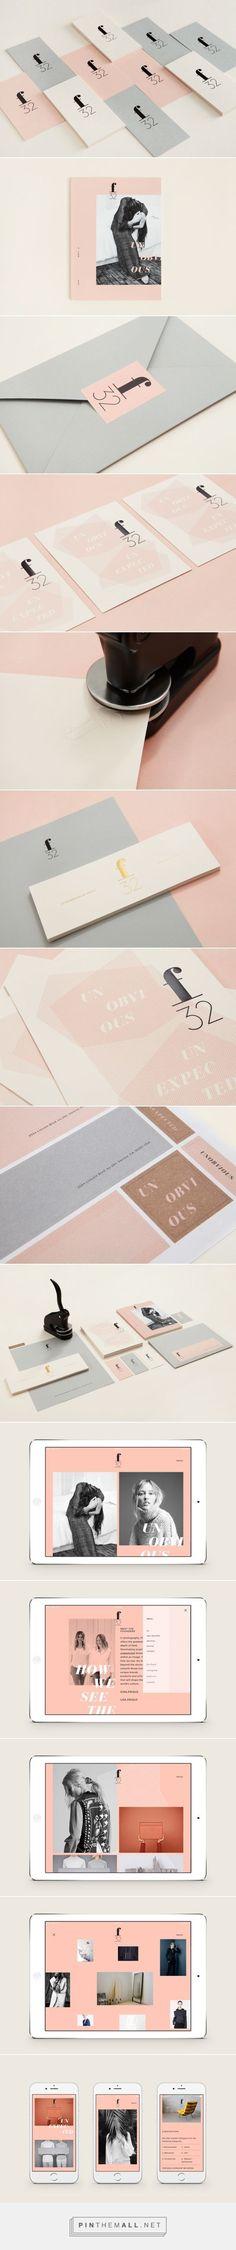 f32 by Blok Design, Canada